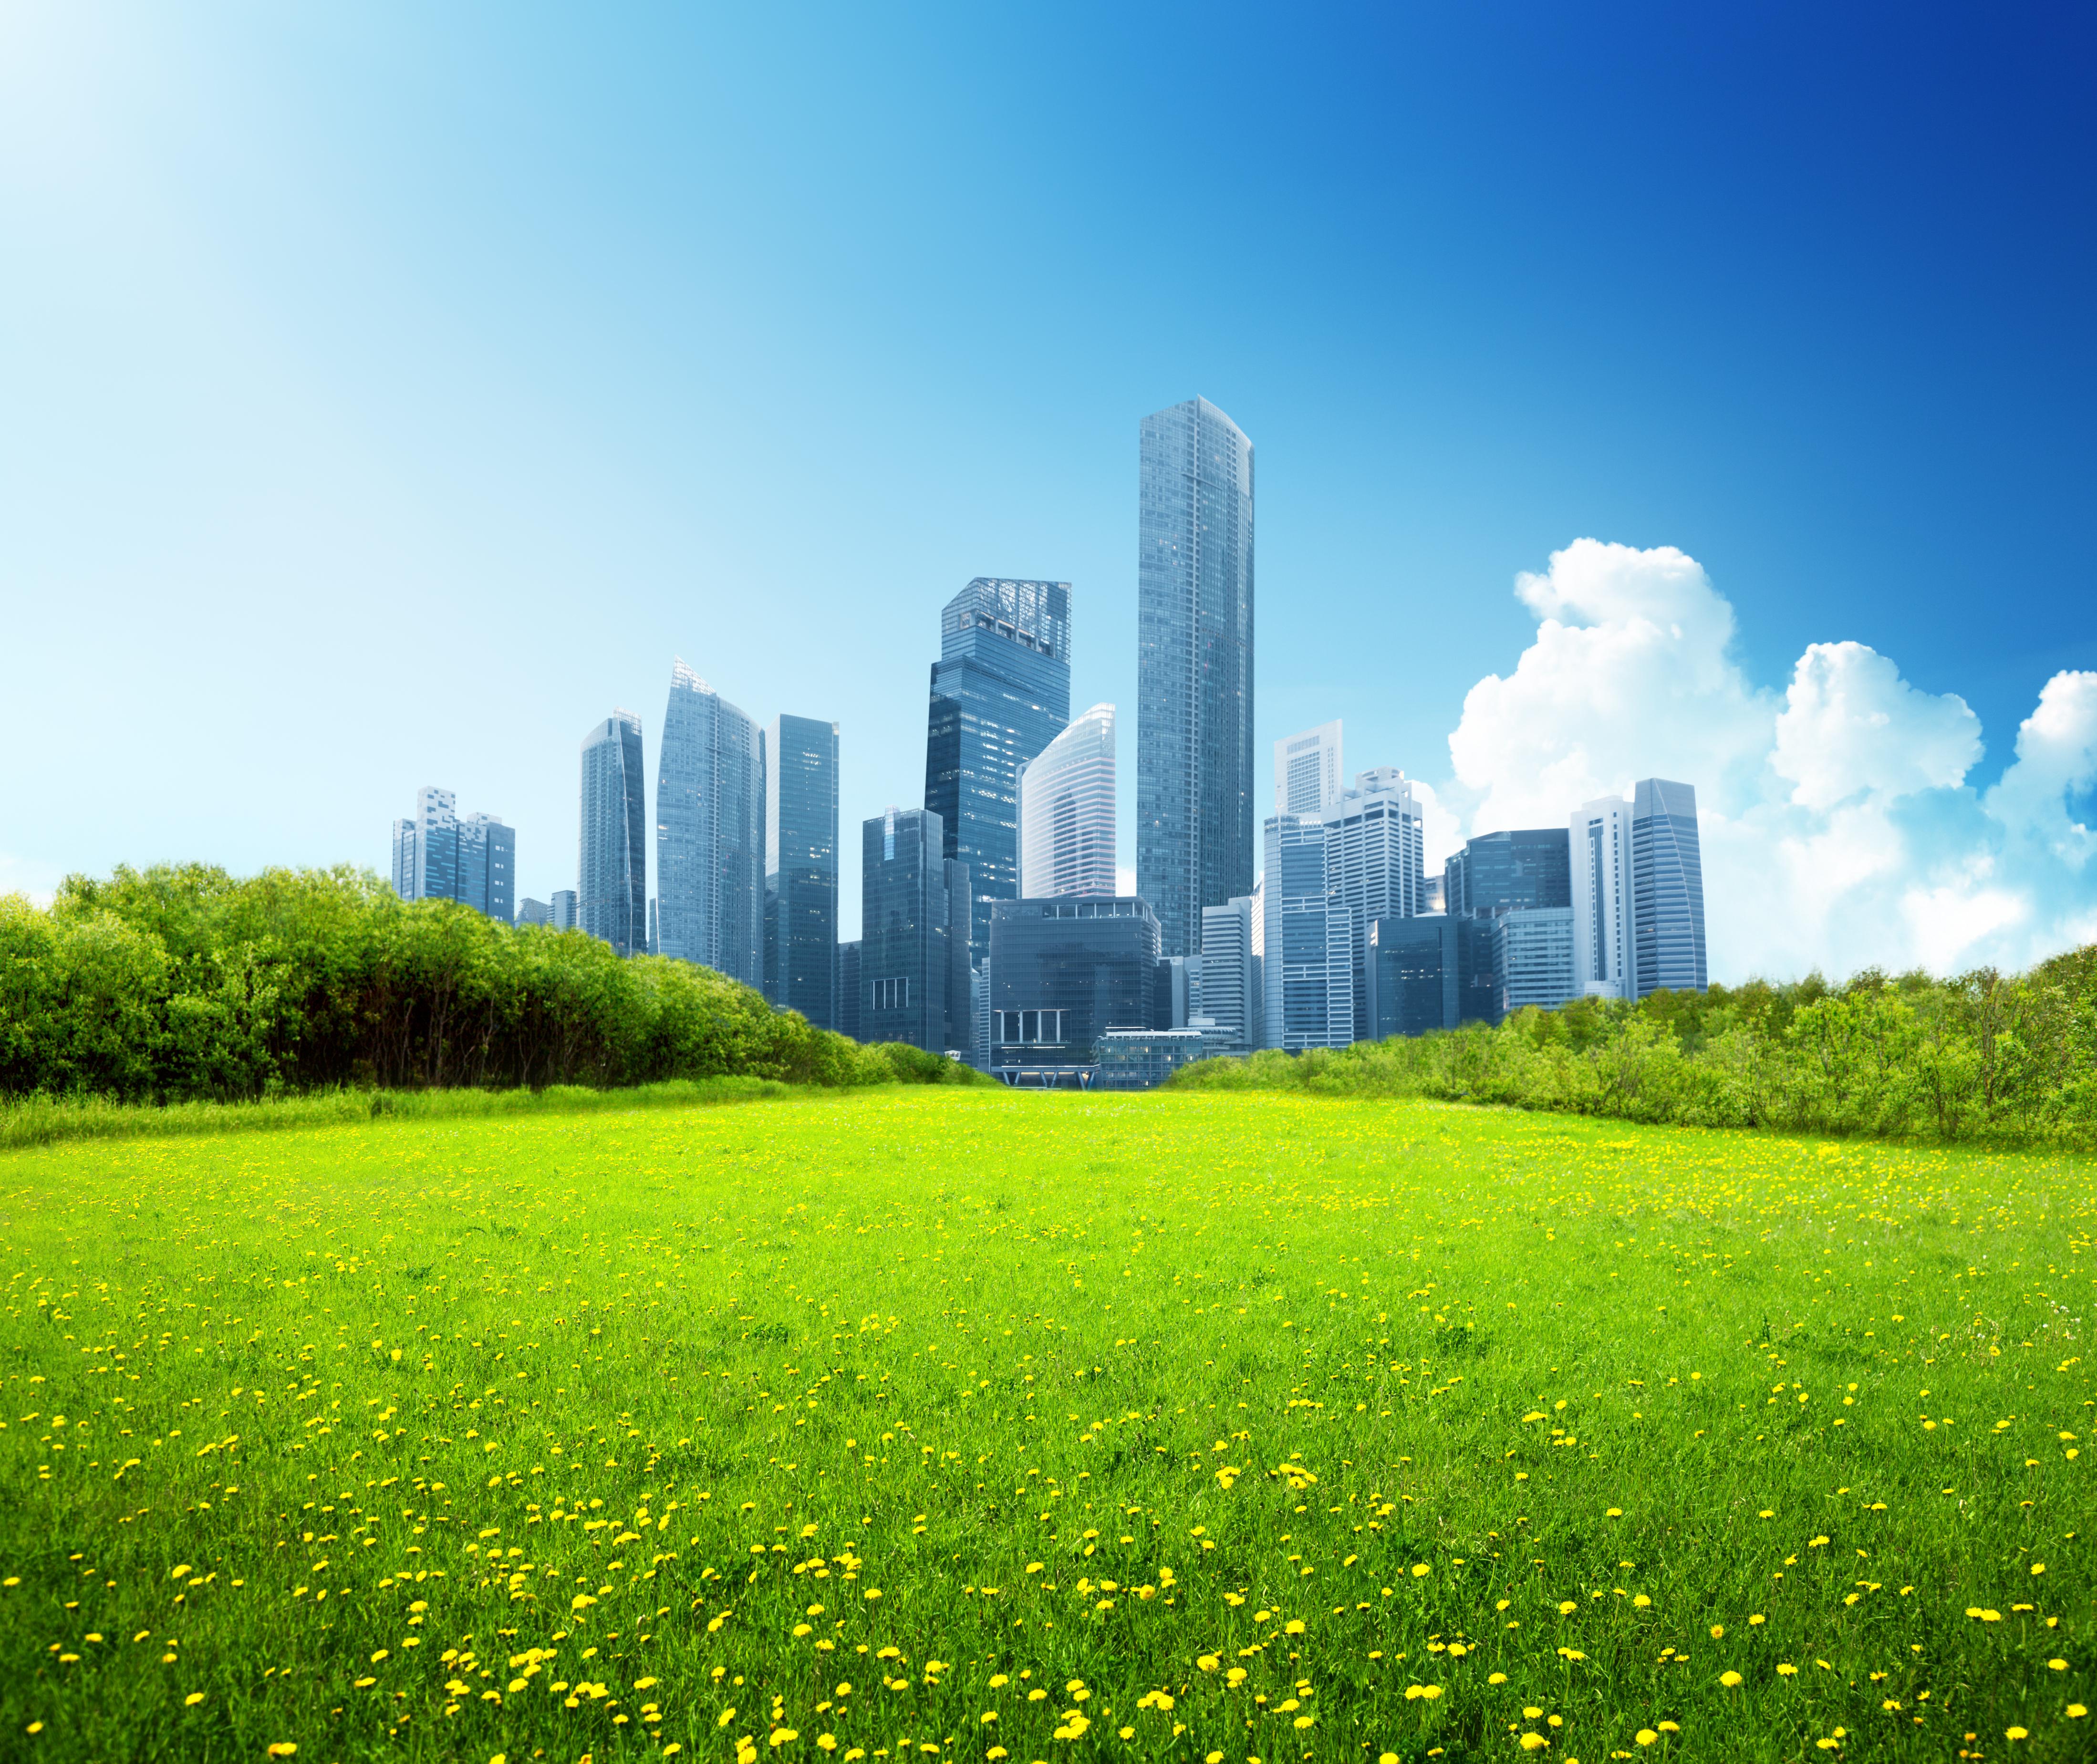 Finanza sostenibile: piano d'azione UE per un'economia più verde e pulita